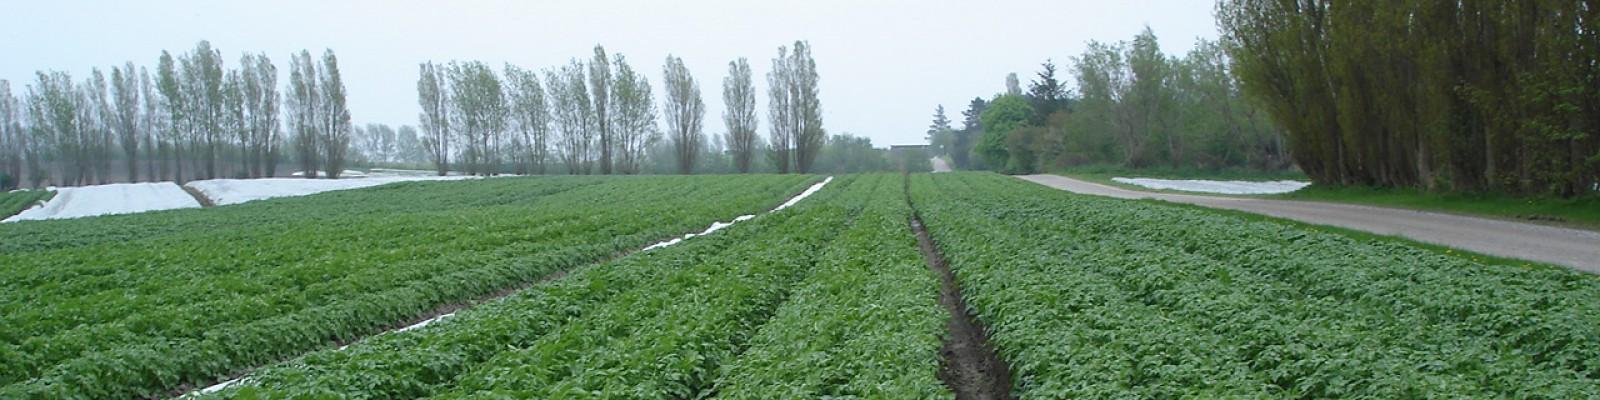 Samsø Kartofler